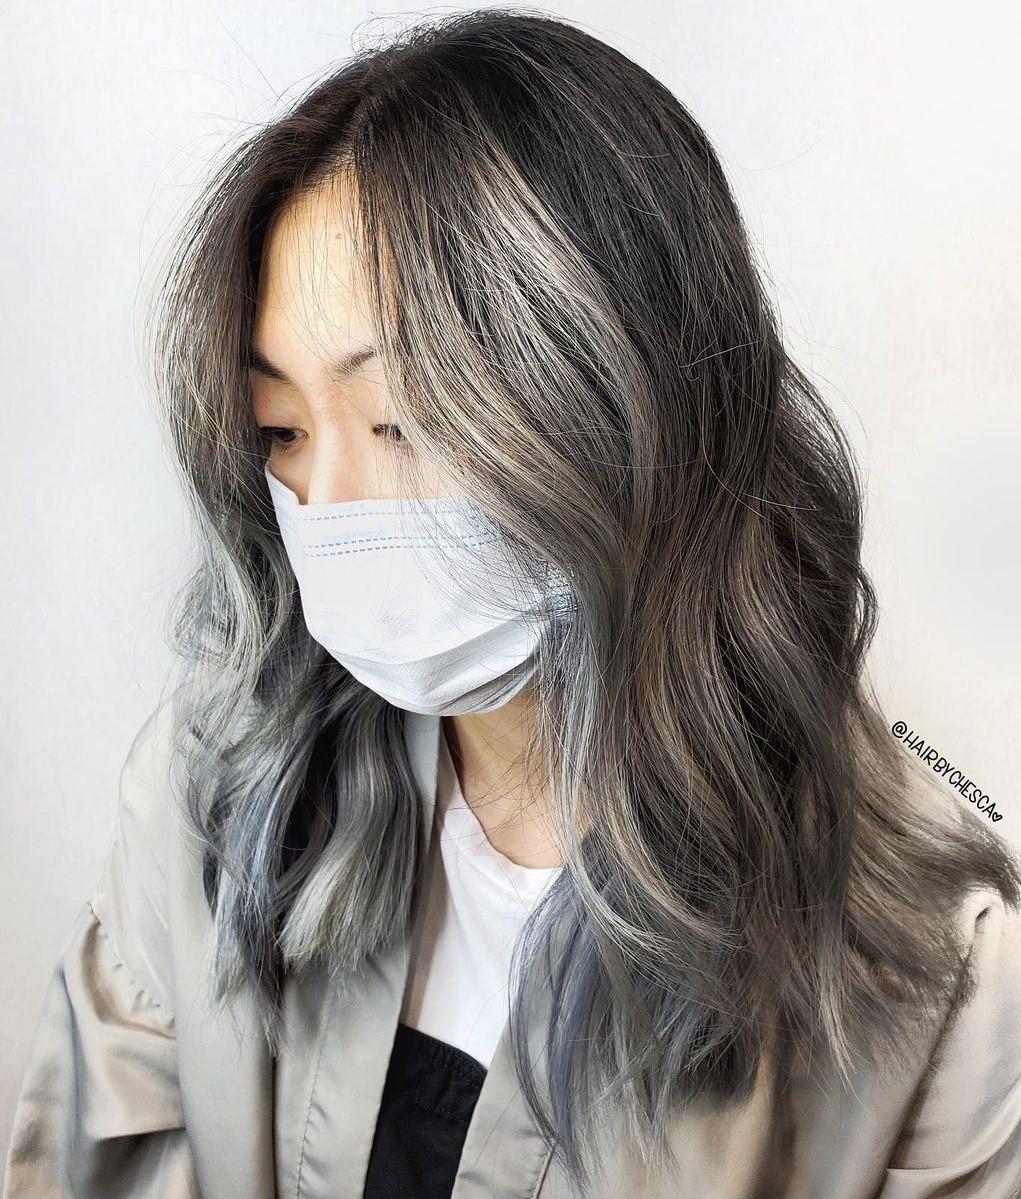 Face-Framing Gray Highlights